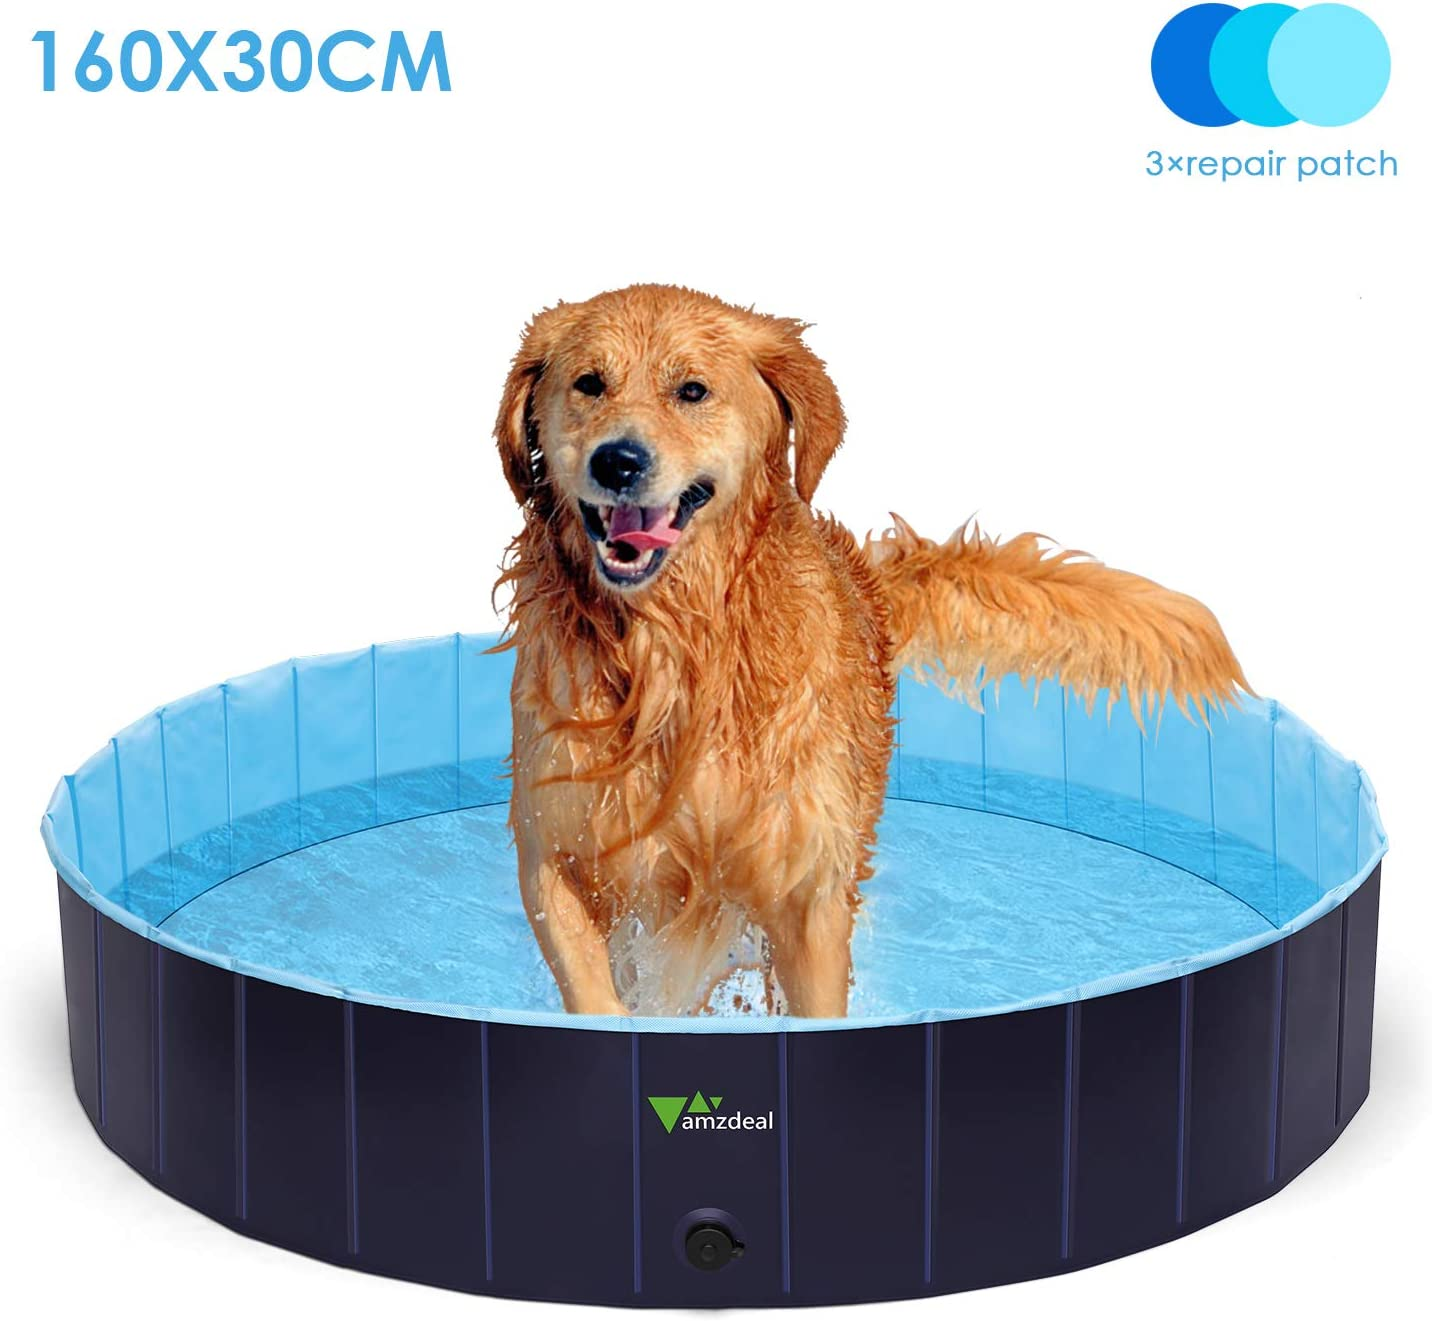 amzdeal 600L Piscina para Perros - Bañera Plegable para Mascotas, Piscina Grande Resistente y Estable, PVC Antideslizante, Múltiples Usos para Mascotas y Niños φ160*30cm